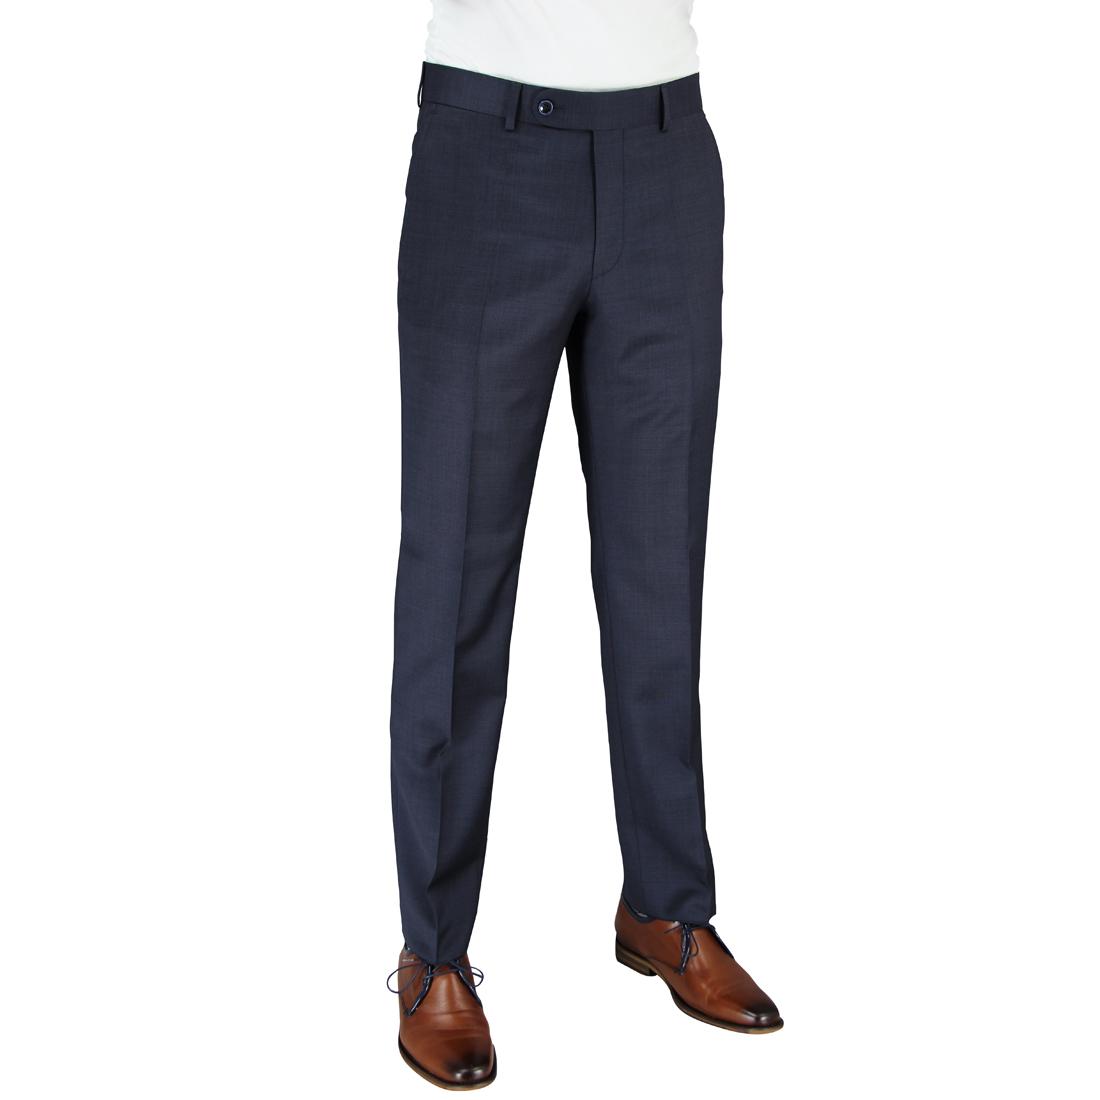 Roy Robson broeken Shape Fit 5025/S- -0340- in het Marine